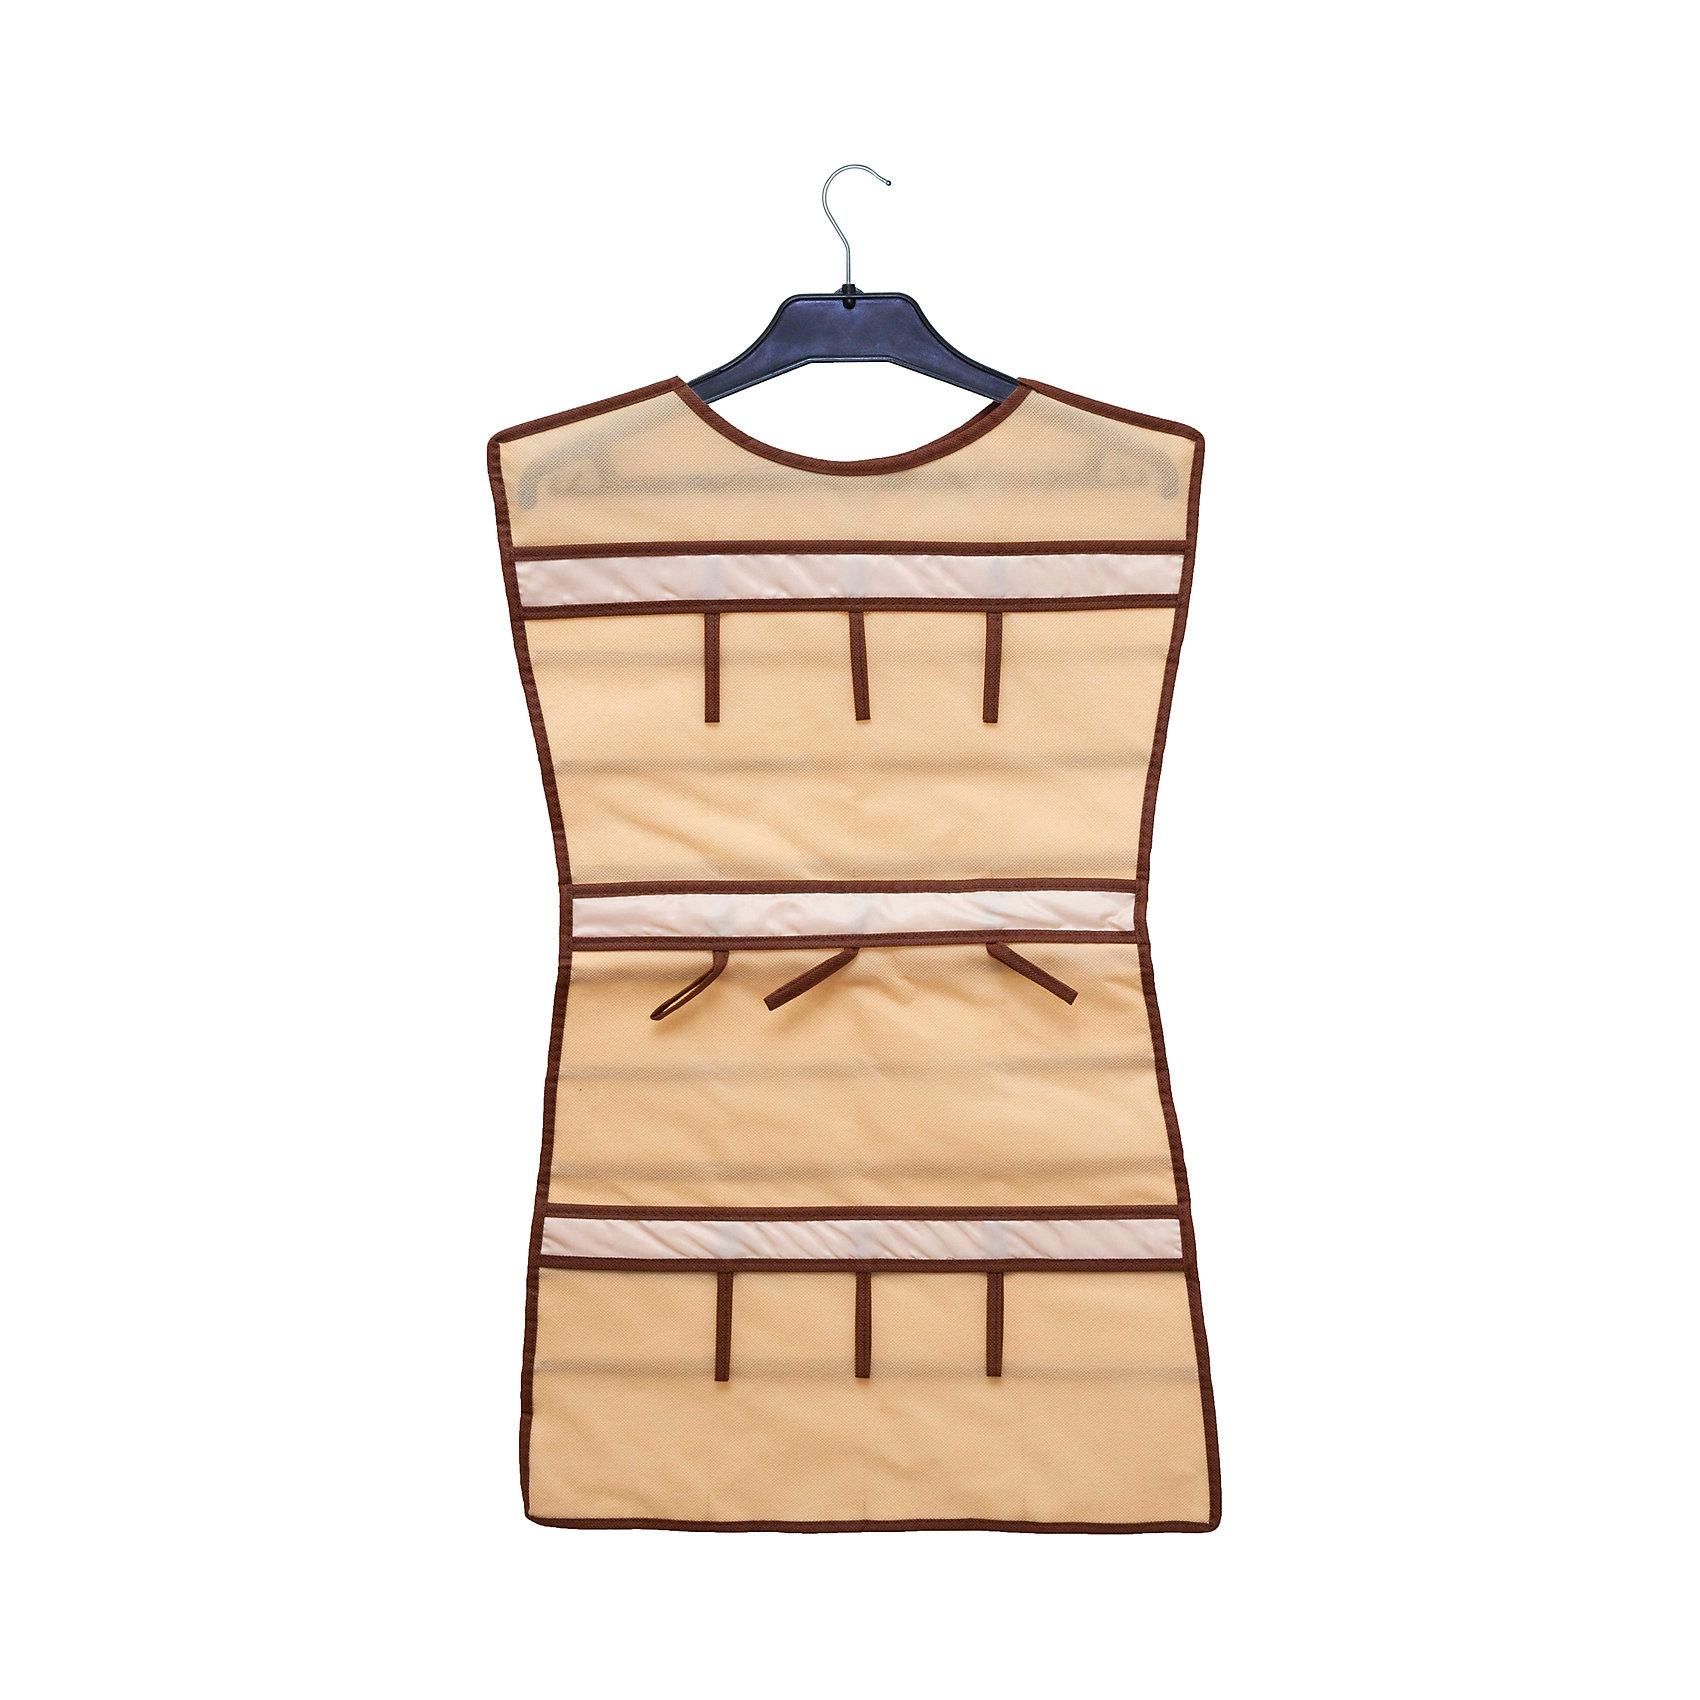 Органайзер-платье для украшений Bora-Bora, HomsuОрганайзеры для одежды<br>Характеристики товара:<br><br>• цвет: бежевый<br>• материал: полиэстер, ПВХ<br>• размер: 46х75 см<br>• вес: 300 г<br>• подвесной<br>• крепление: крючок<br>• вместимость: 36 отделений<br>• страна бренда: Россия<br>• страна изготовитель: Китай<br><br>Органайзер-платье для украшений Bora-Bora от бренда Homsu (Хомсу) - очень удобная вещь для хранения вещей и эргономичной организации пространства.<br><br>Он легкий, вместительный, легко помещается в шкафу или на двери.<br><br>Органайзер-платье для украшений Bora-Bora, Homsu можно купить в нашем интернет-магазине.<br><br>Ширина мм: 500<br>Глубина мм: 400<br>Высота мм: 20<br>Вес г: 300<br>Возраст от месяцев: 216<br>Возраст до месяцев: 1188<br>Пол: Унисекс<br>Возраст: Детский<br>SKU: 5620204